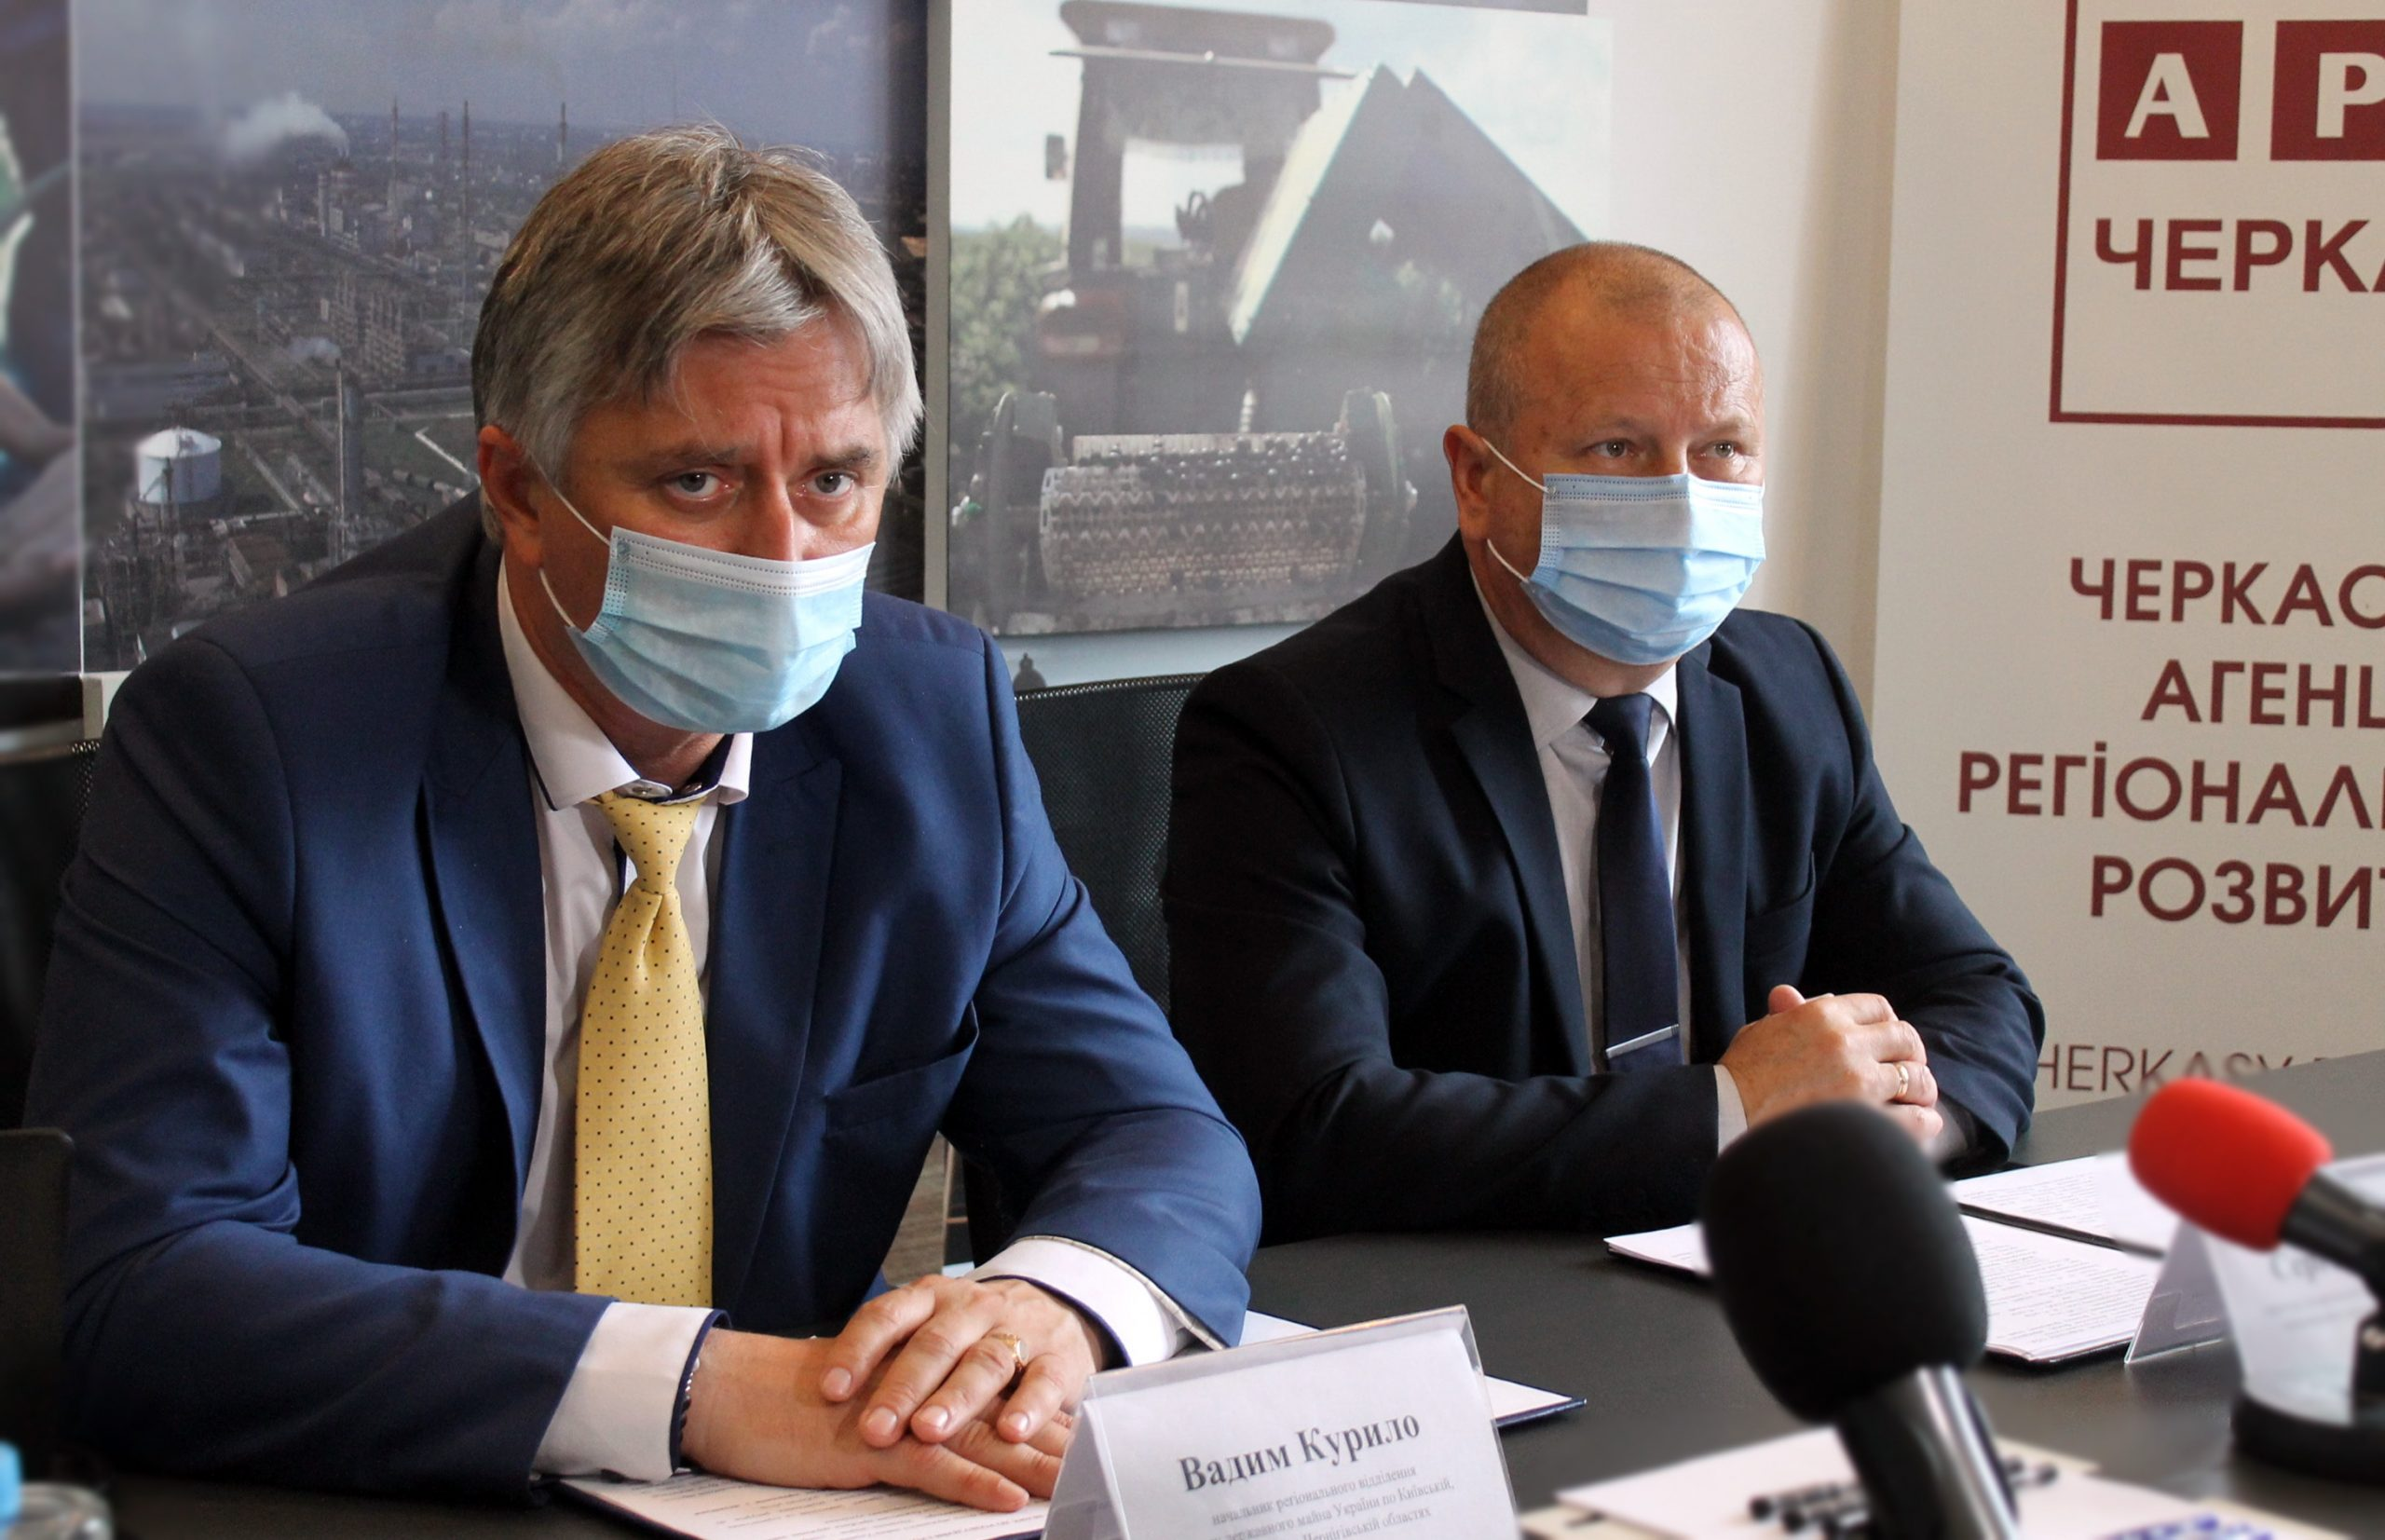 24 млн грн надійшло до бюджету завдяки приватизації об'єктів на Черкащині